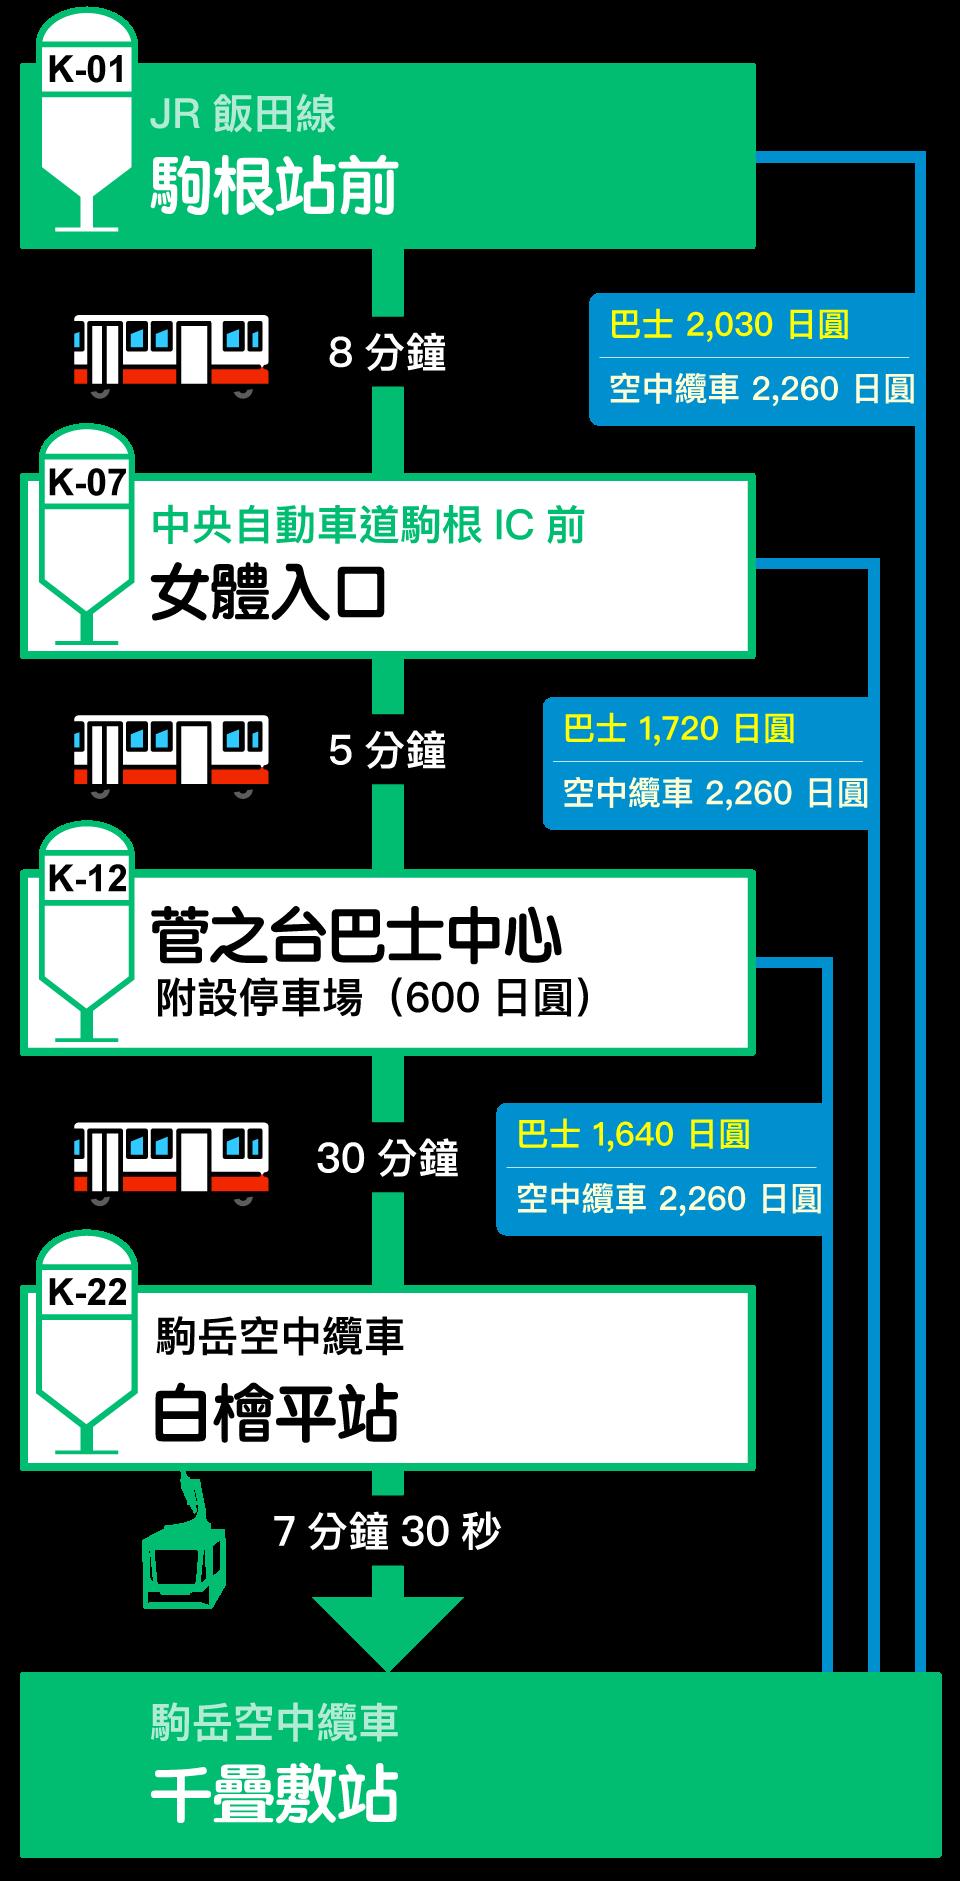 access_localbus1_tw